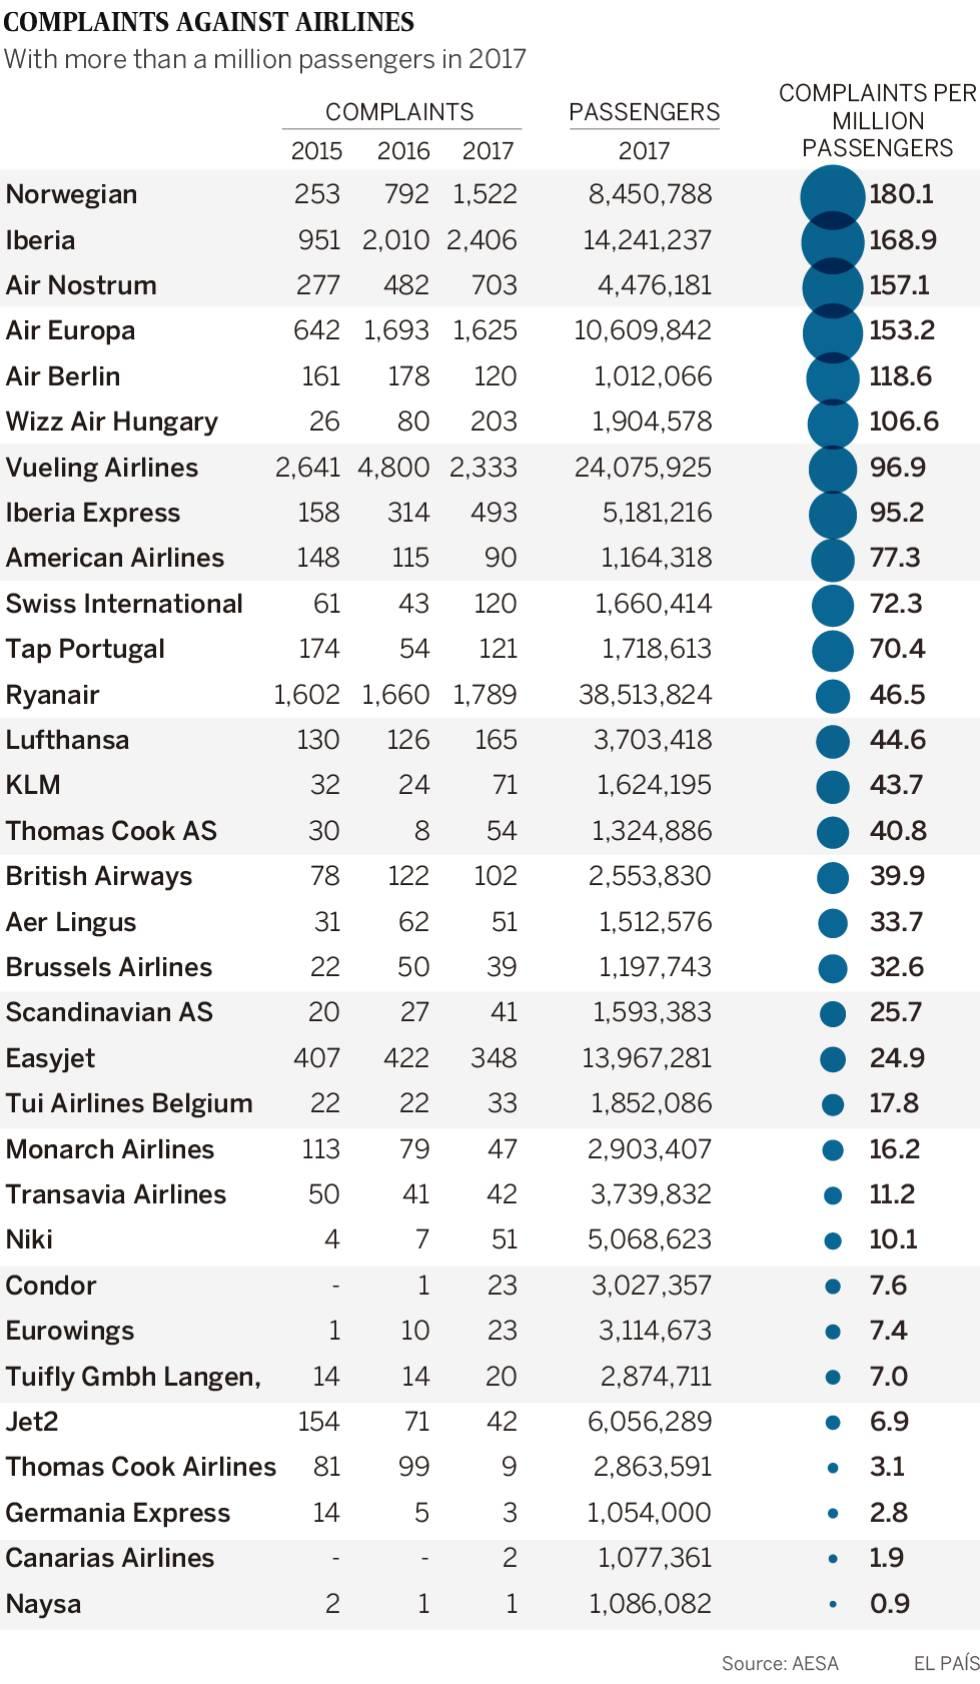 Spanish airlines: Iberia, Norwegian and Air Europa top passenger